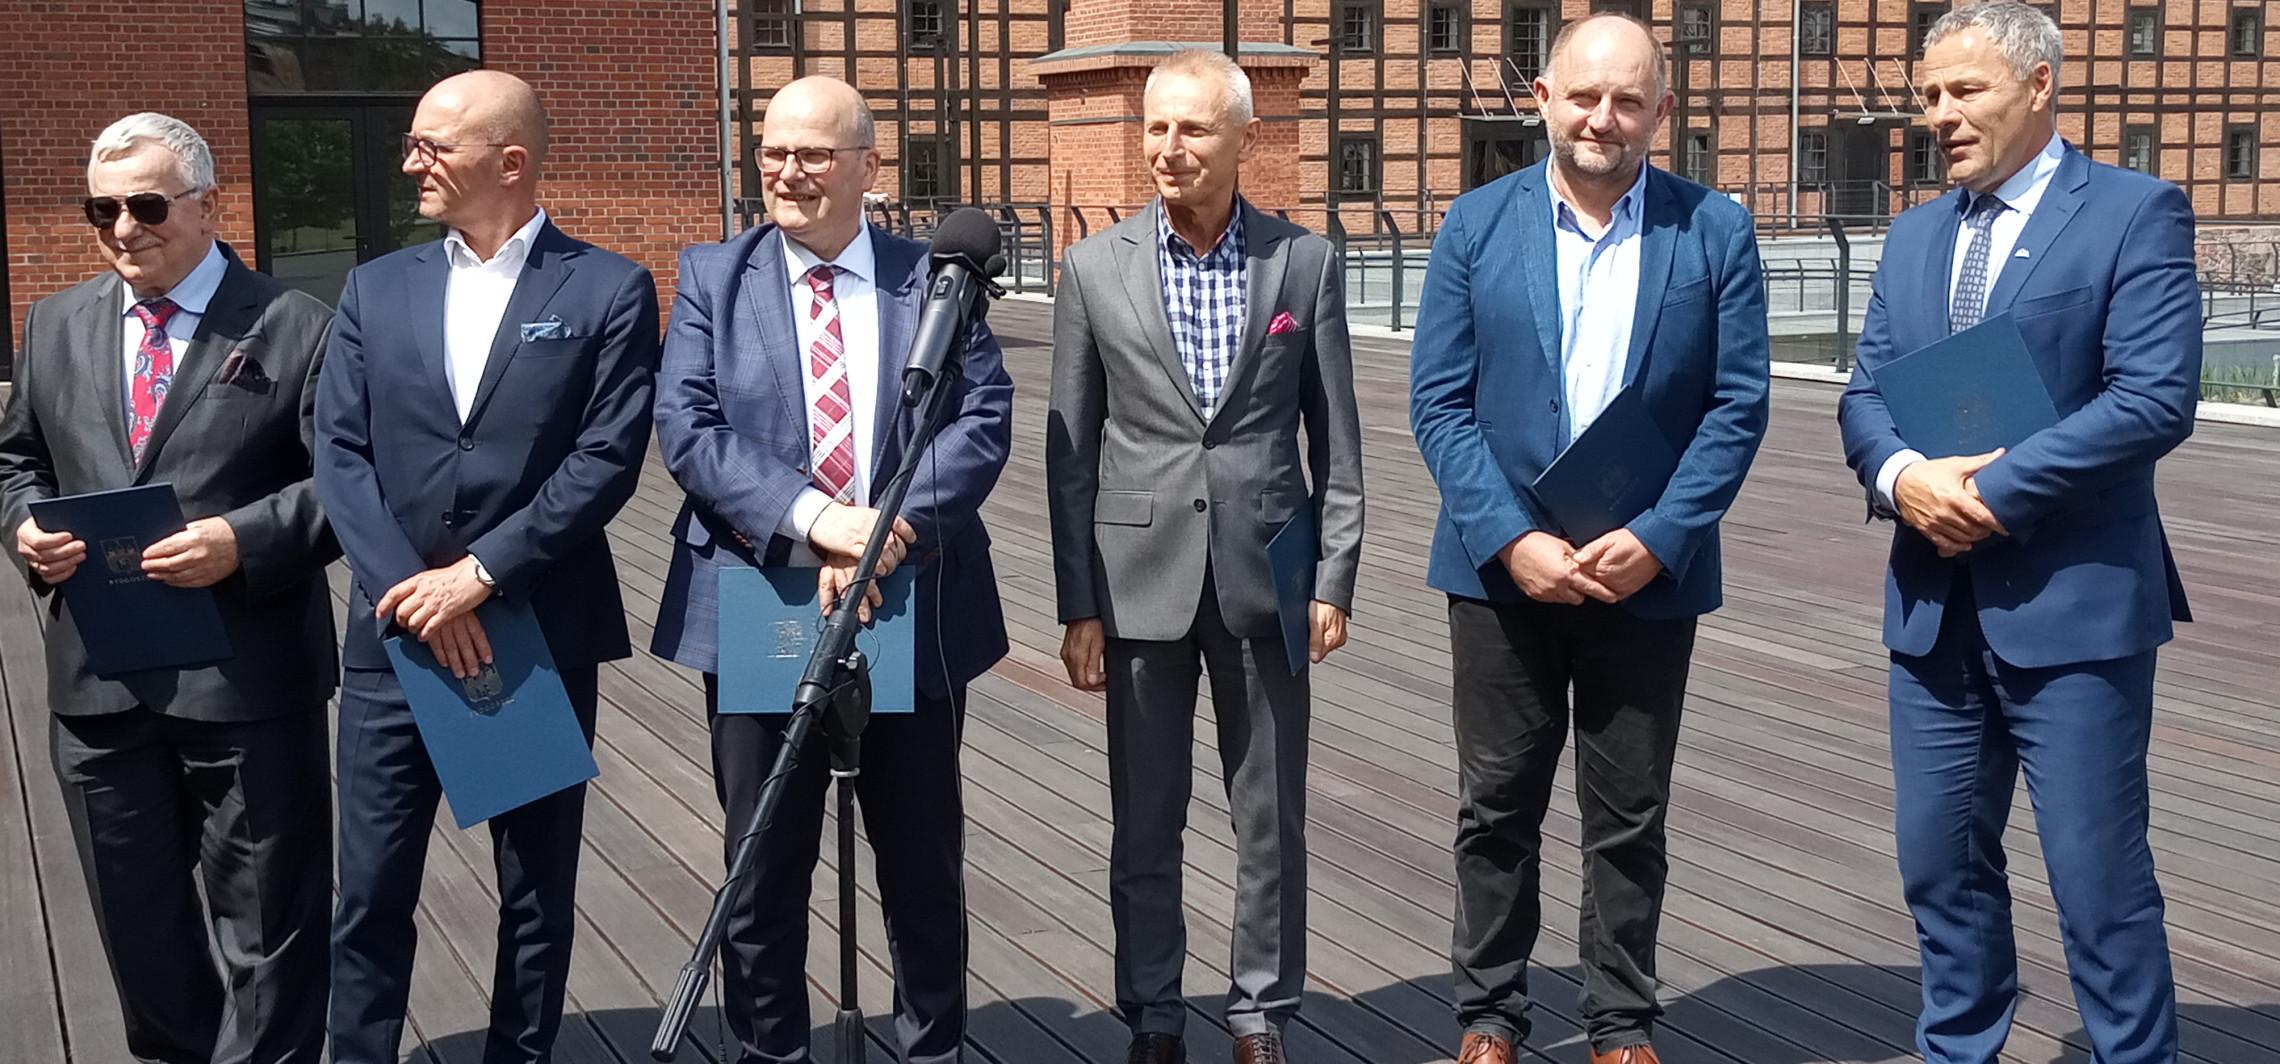 Region - Prezydenci zabrali głos w sprawie funduszy europejskich